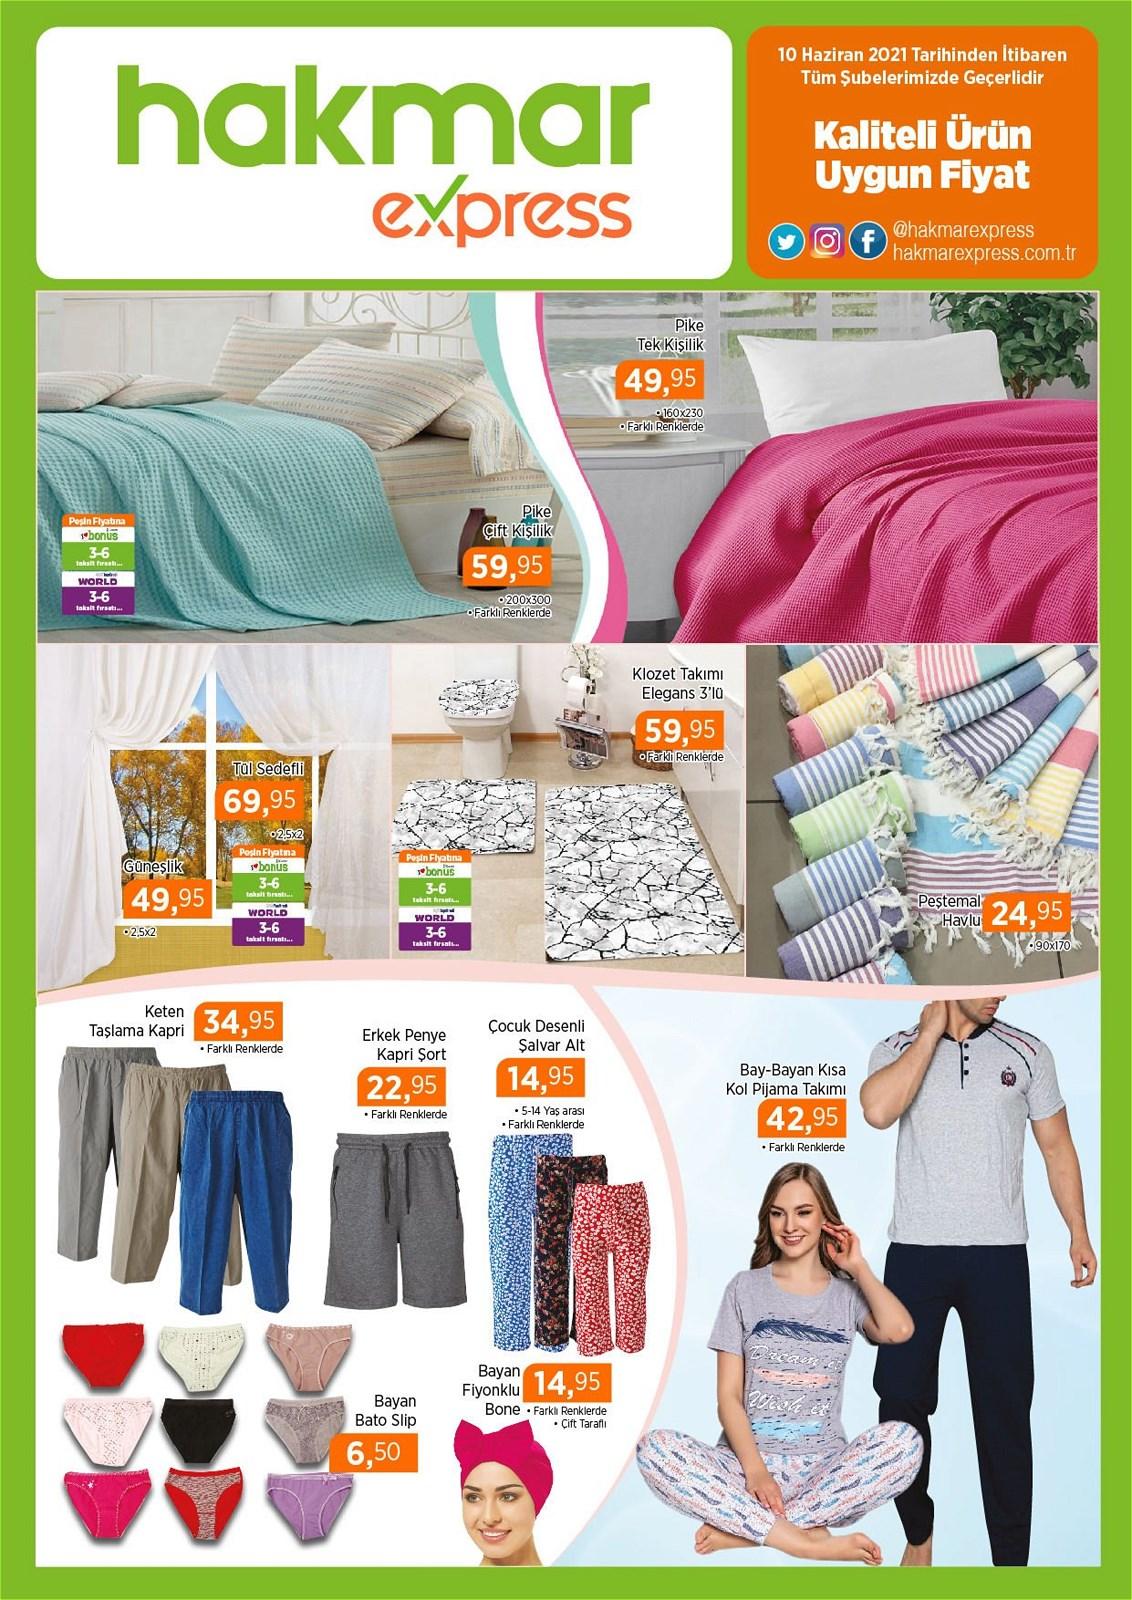 10.06.2021 Hakmar Express broşürü 3. sayfa